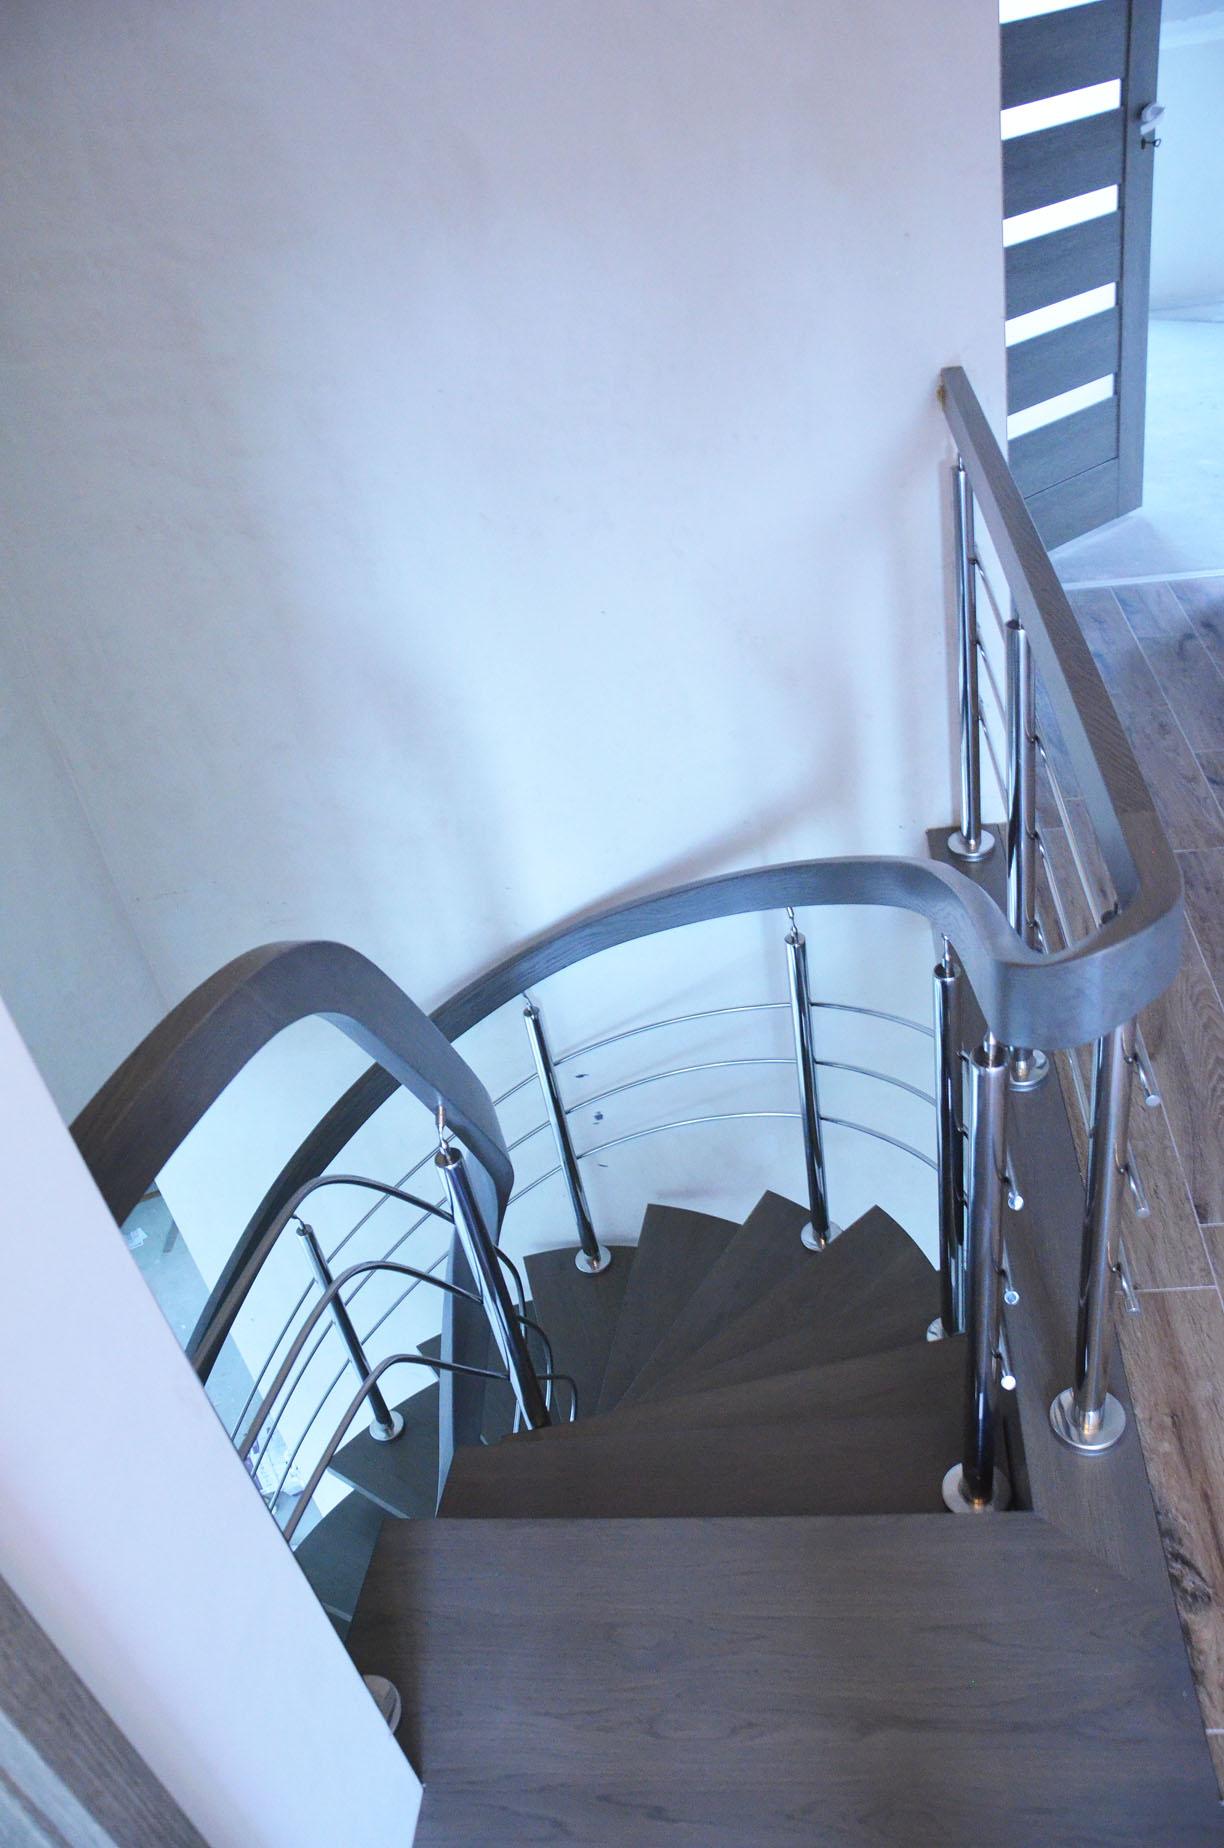 fa-schody-na-jednej-belce-4